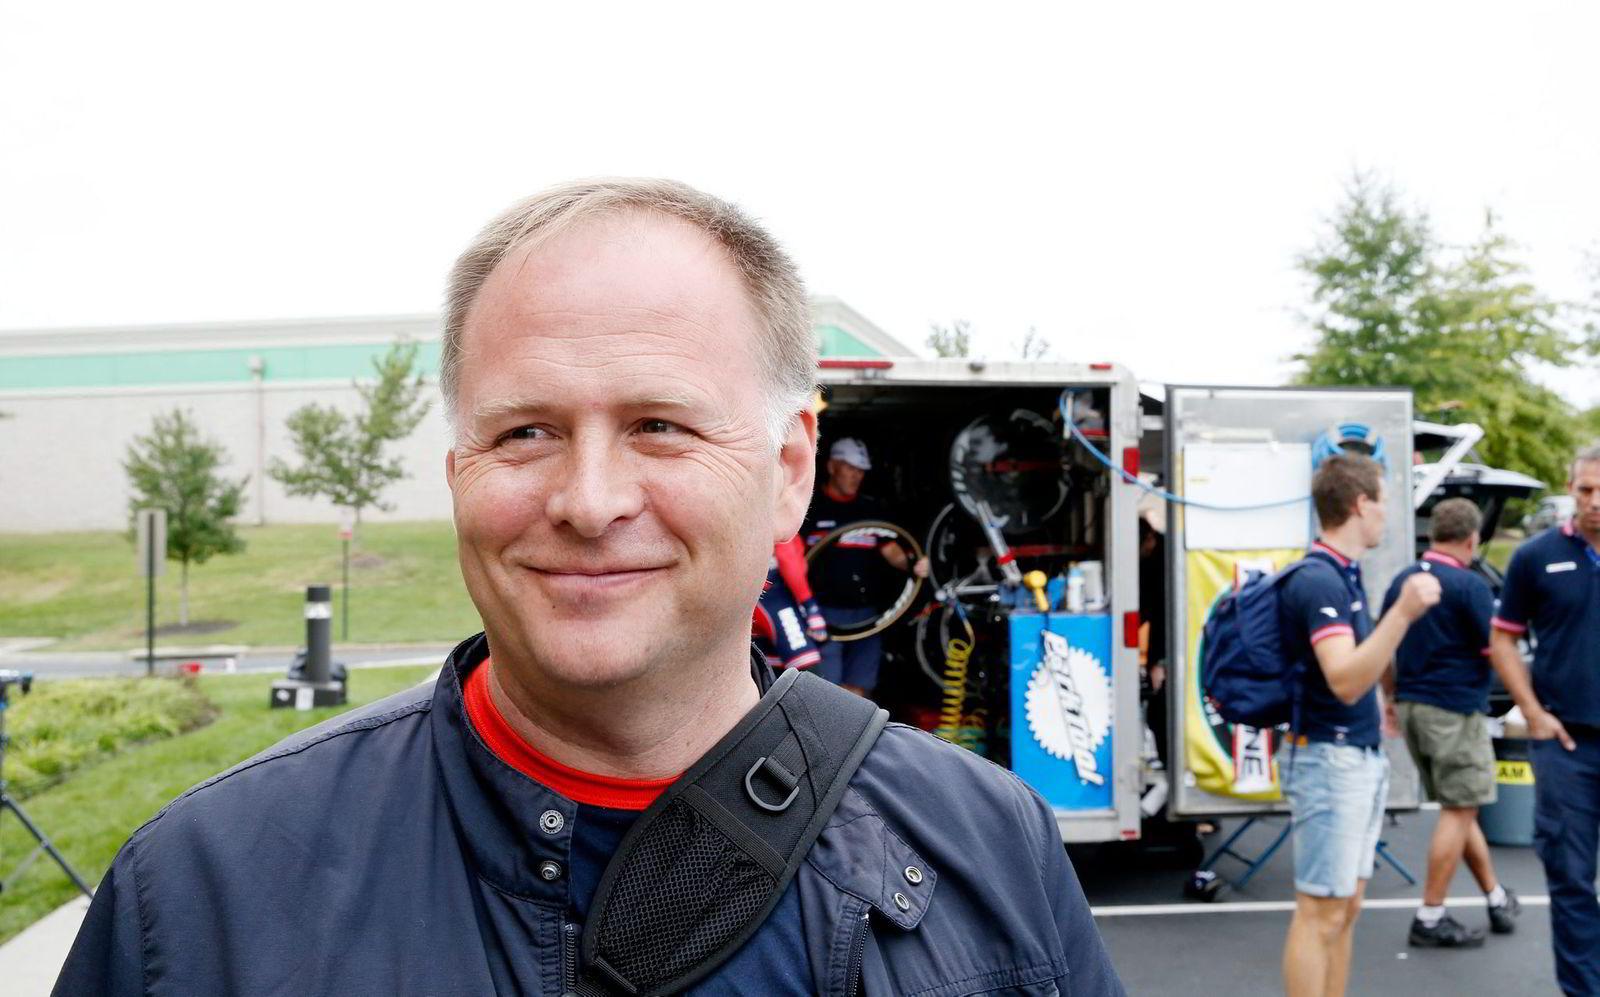 Kardiolog Stein Ørn er i tillegg til å være Alexander Kristoffs stefar også hans trener. Foto: Terje Pedersen/